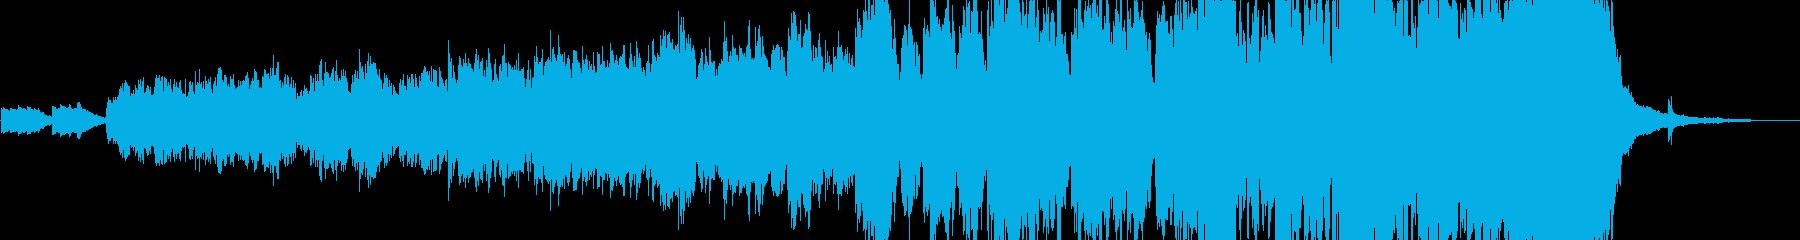 手回しオルガン3拍子 メリーゴーランドの再生済みの波形